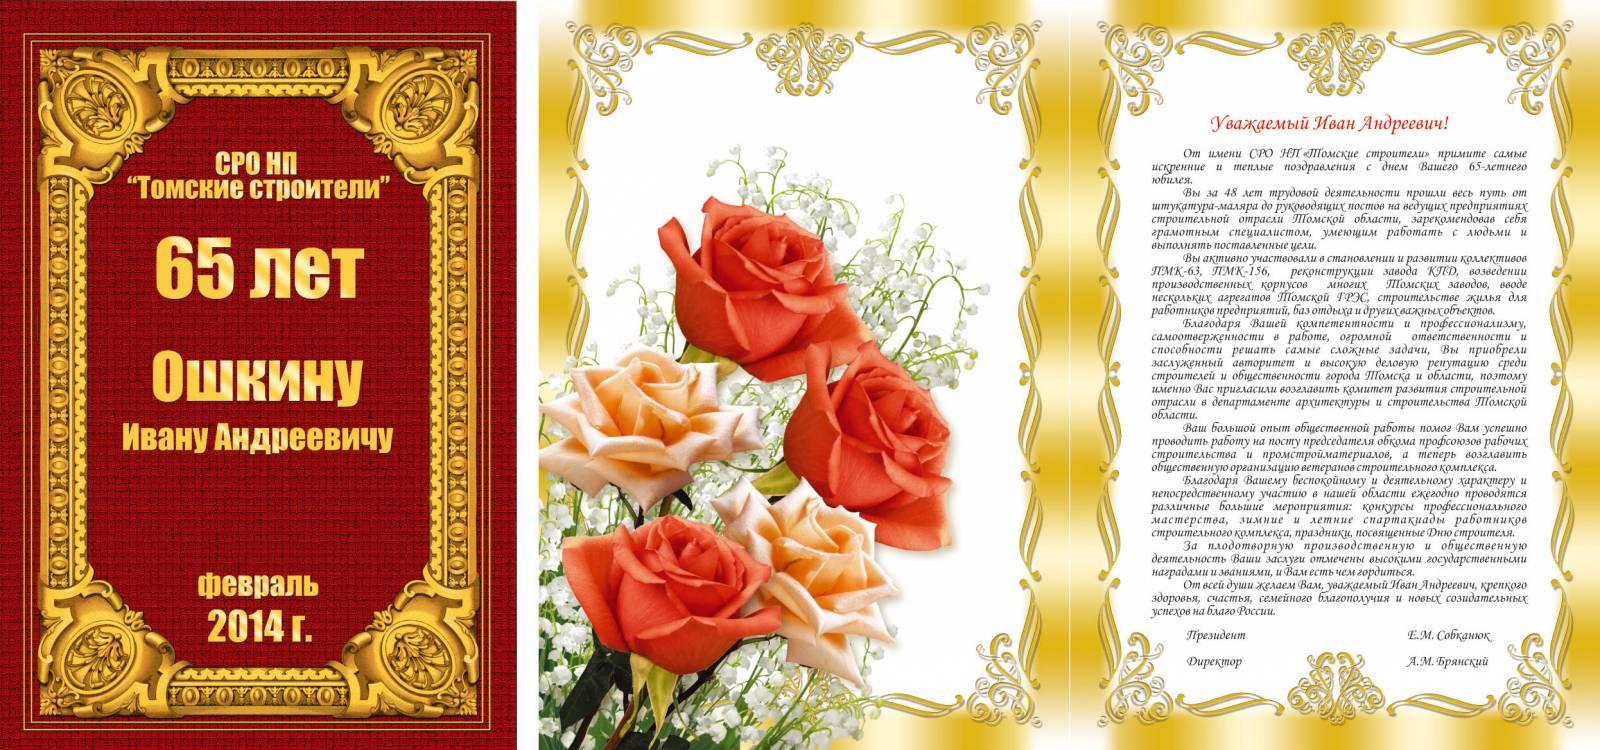 Слова поздравления юбиляра 76